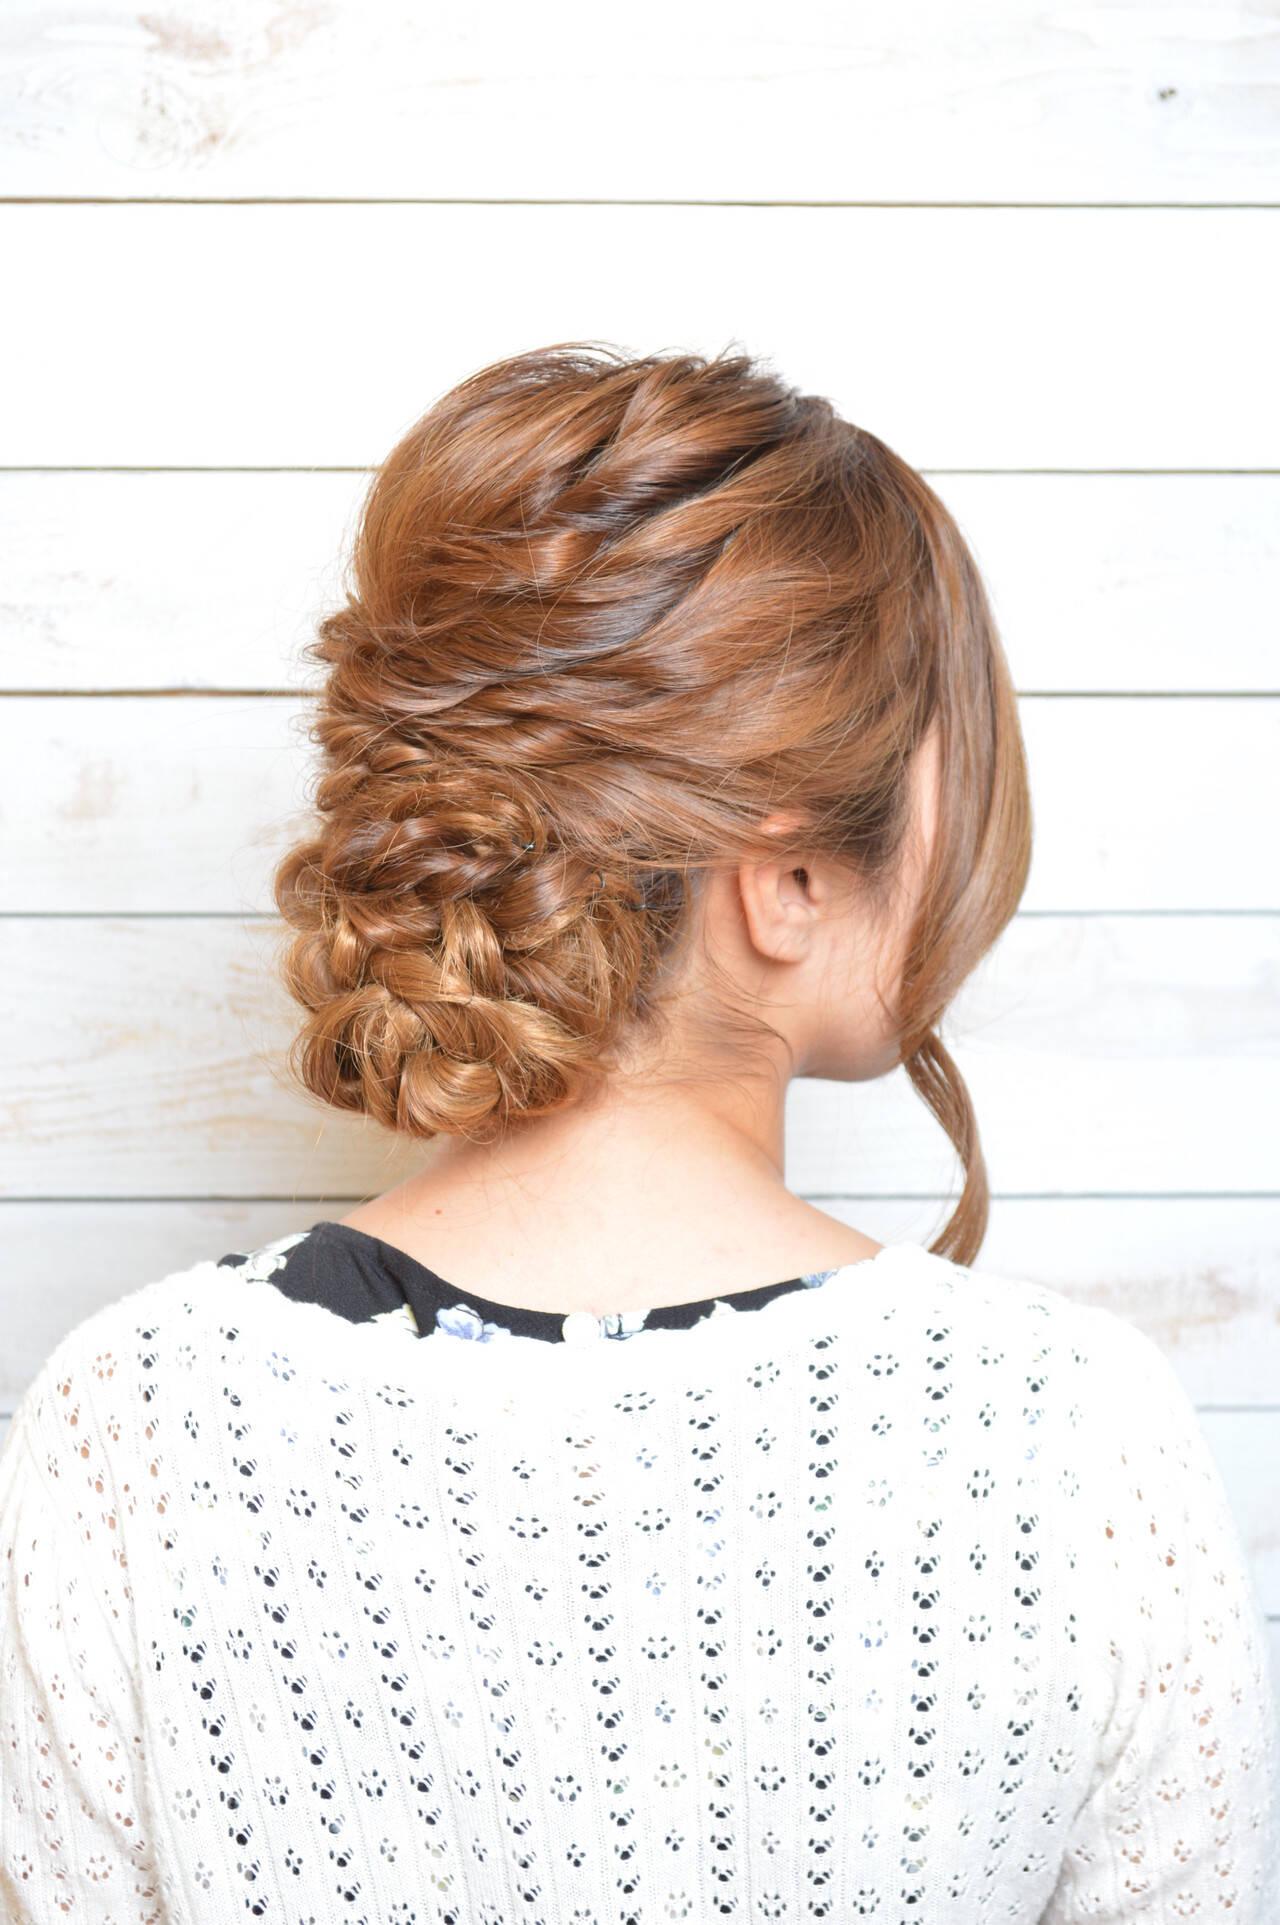 ねじり アップスタイル ヘアアレンジ ニュアンスヘアスタイルや髪型の写真・画像